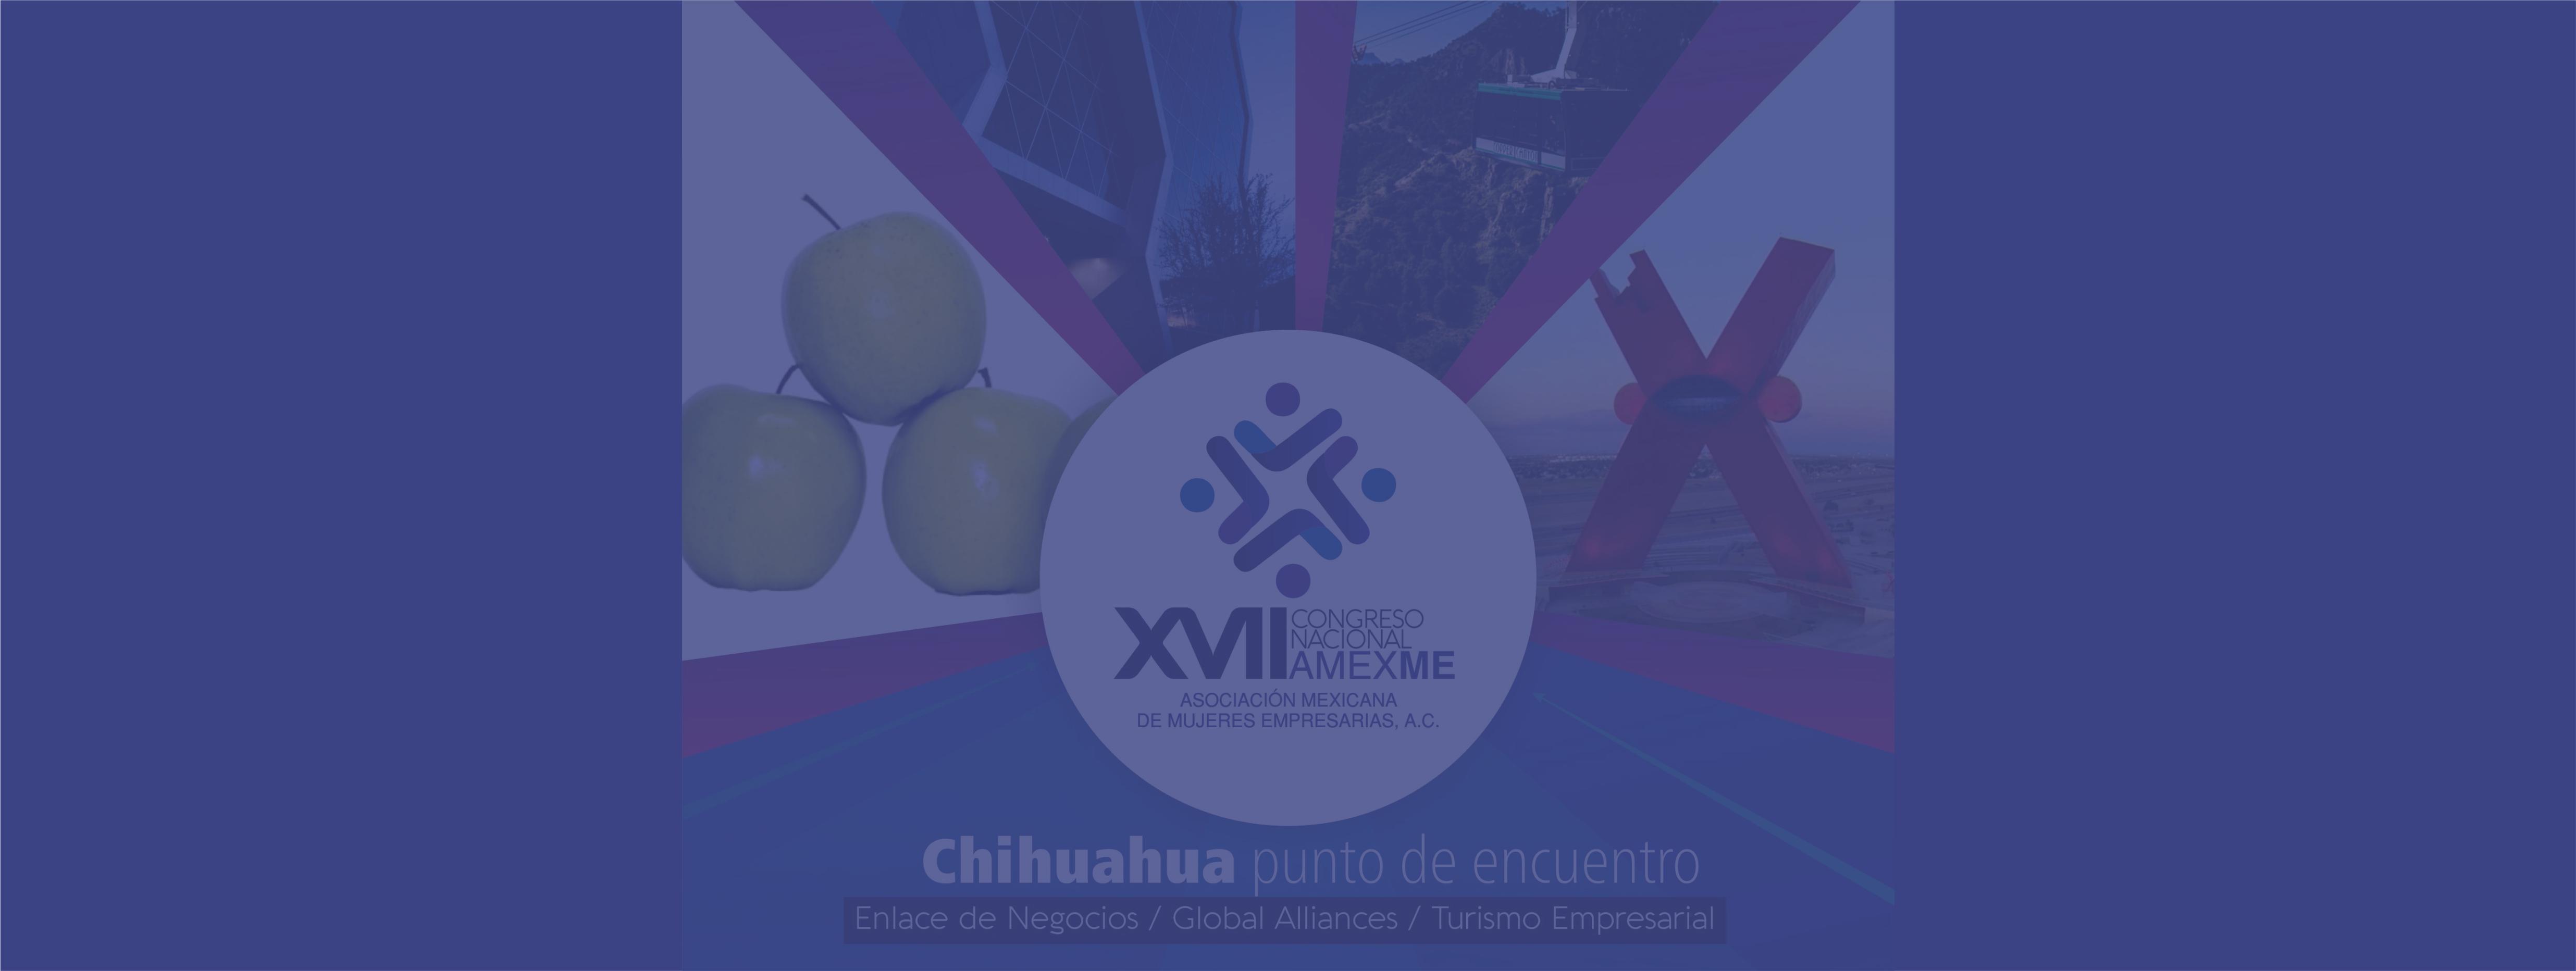 XVII congreso mujeres empresarias final